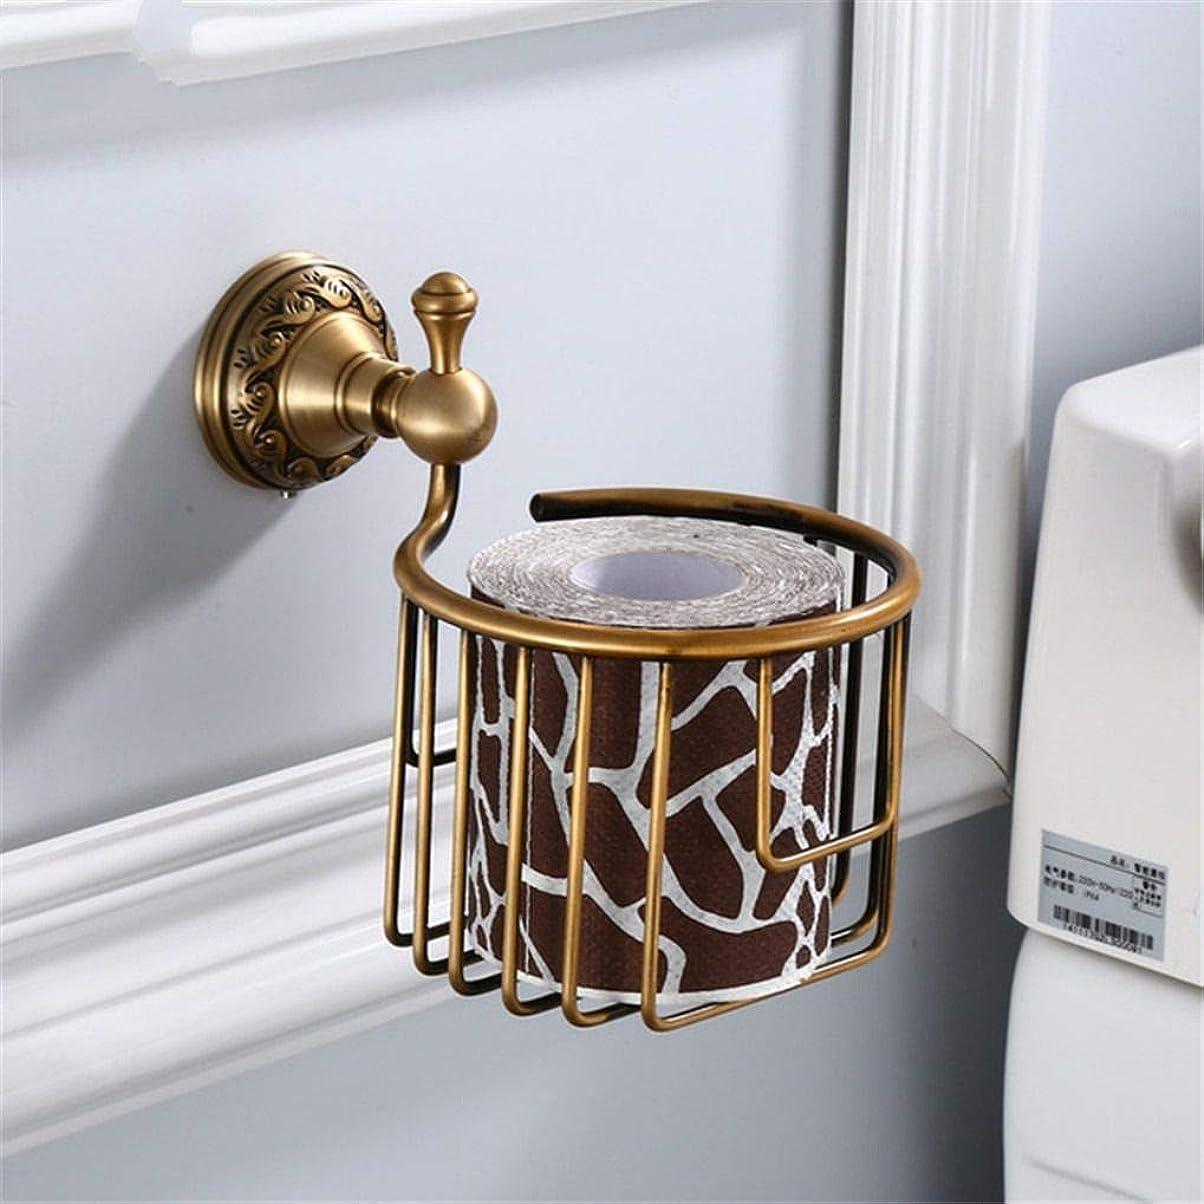 正当な嫌な機知に富んだヨーロッパのアンティーク真鍮彫刻タオルラックスペースアルミ浴室の棚紙箱壁掛けタオルバー浴室のハードウェアペンダントセットレトロスタイル、トイレットペーパーホルダー